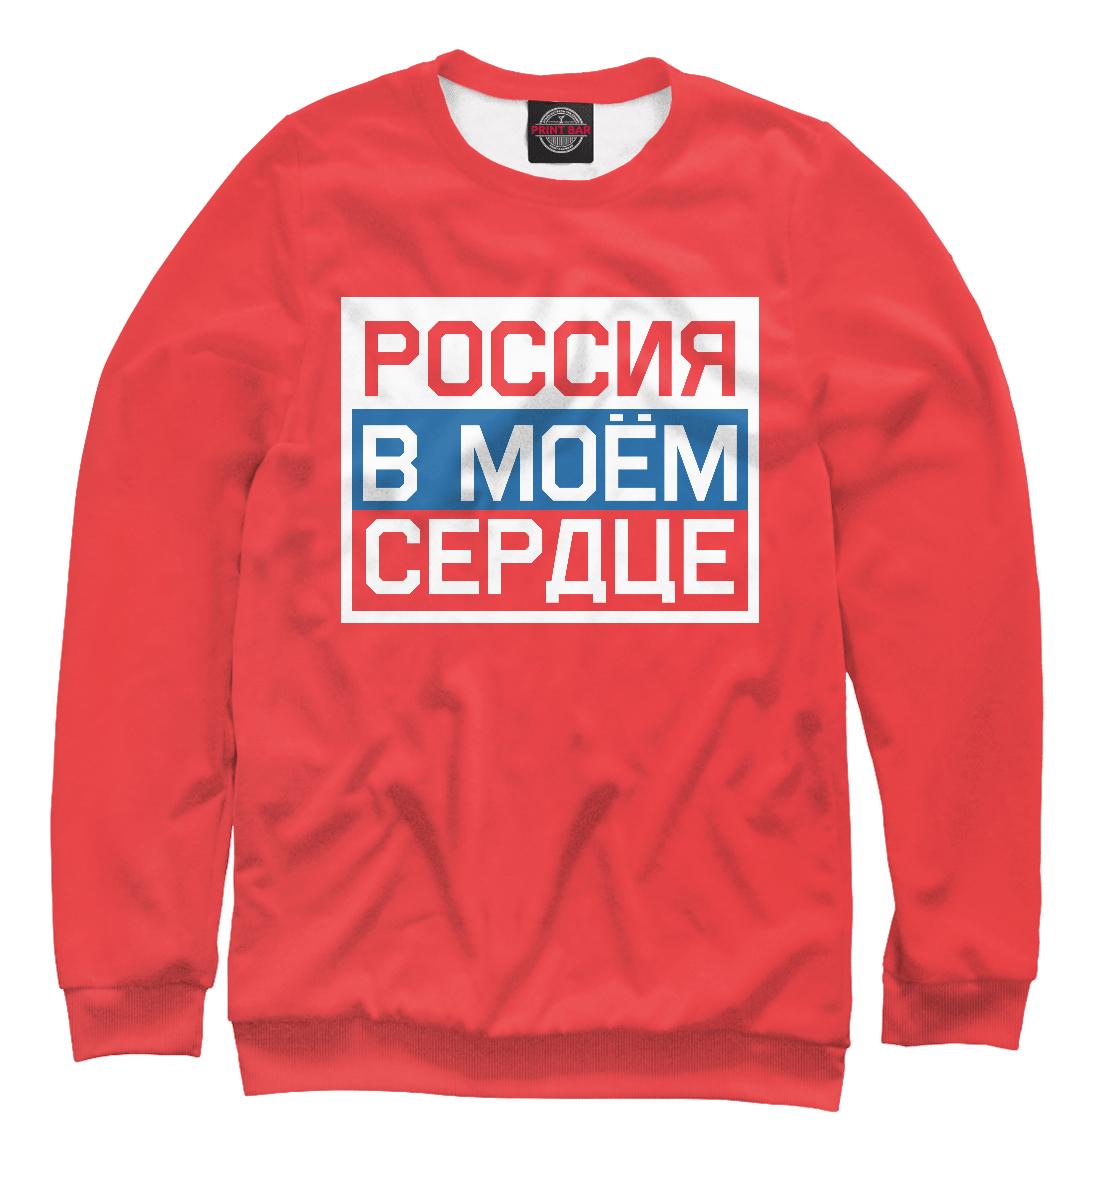 Купить Россия в моем сердце, Printbar, Свитшоты, HOK-783434-swi-1